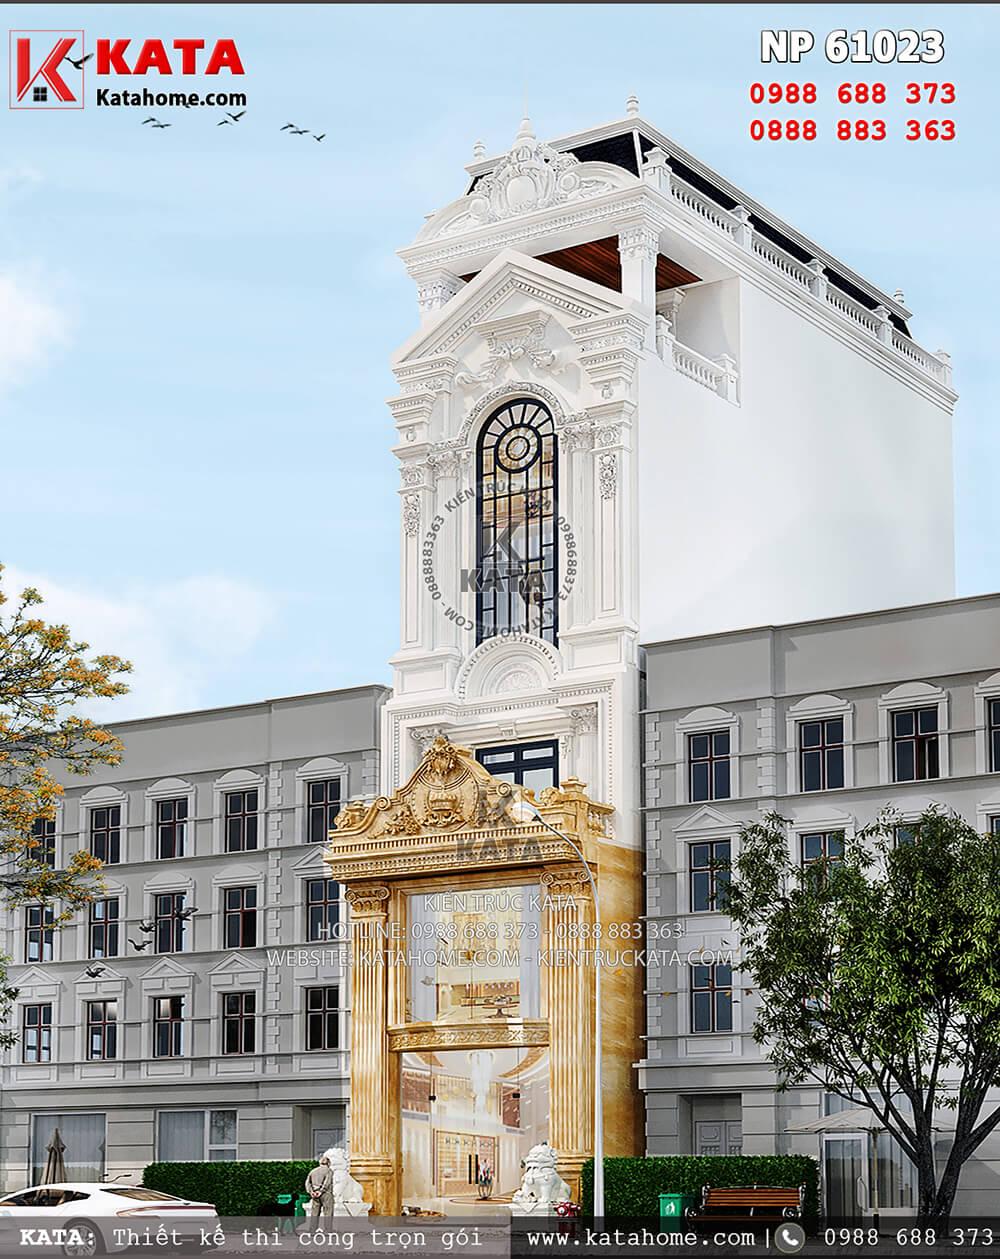 Vẻ đẹp của phong cách kiến trúc Pháp tân cổ điển được mẫu thiết kế nhà ống mặt tiền 5m thể hiện một cách rất trọn vẹn - Mã số: NP 61023